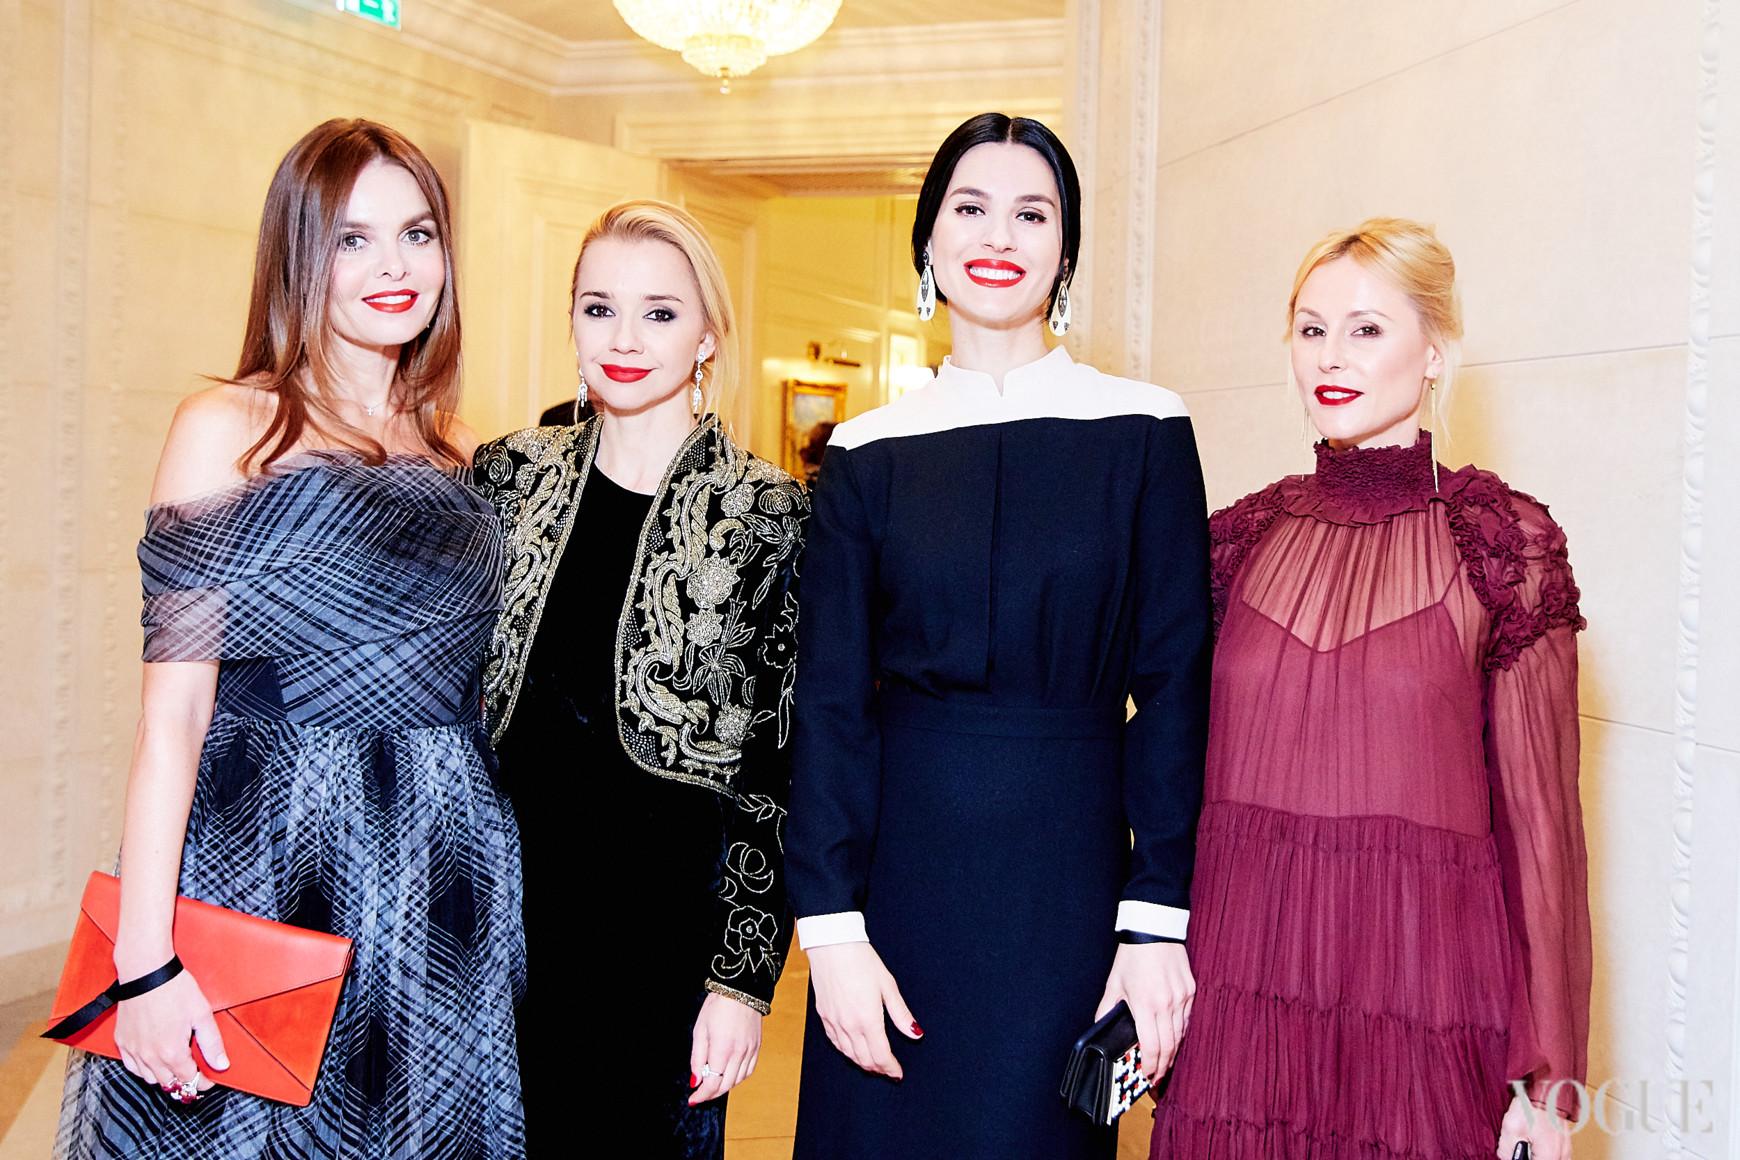 Ольга Олексенко, Ирина Турбаевская, Маша Ефросинина и Елена Примак